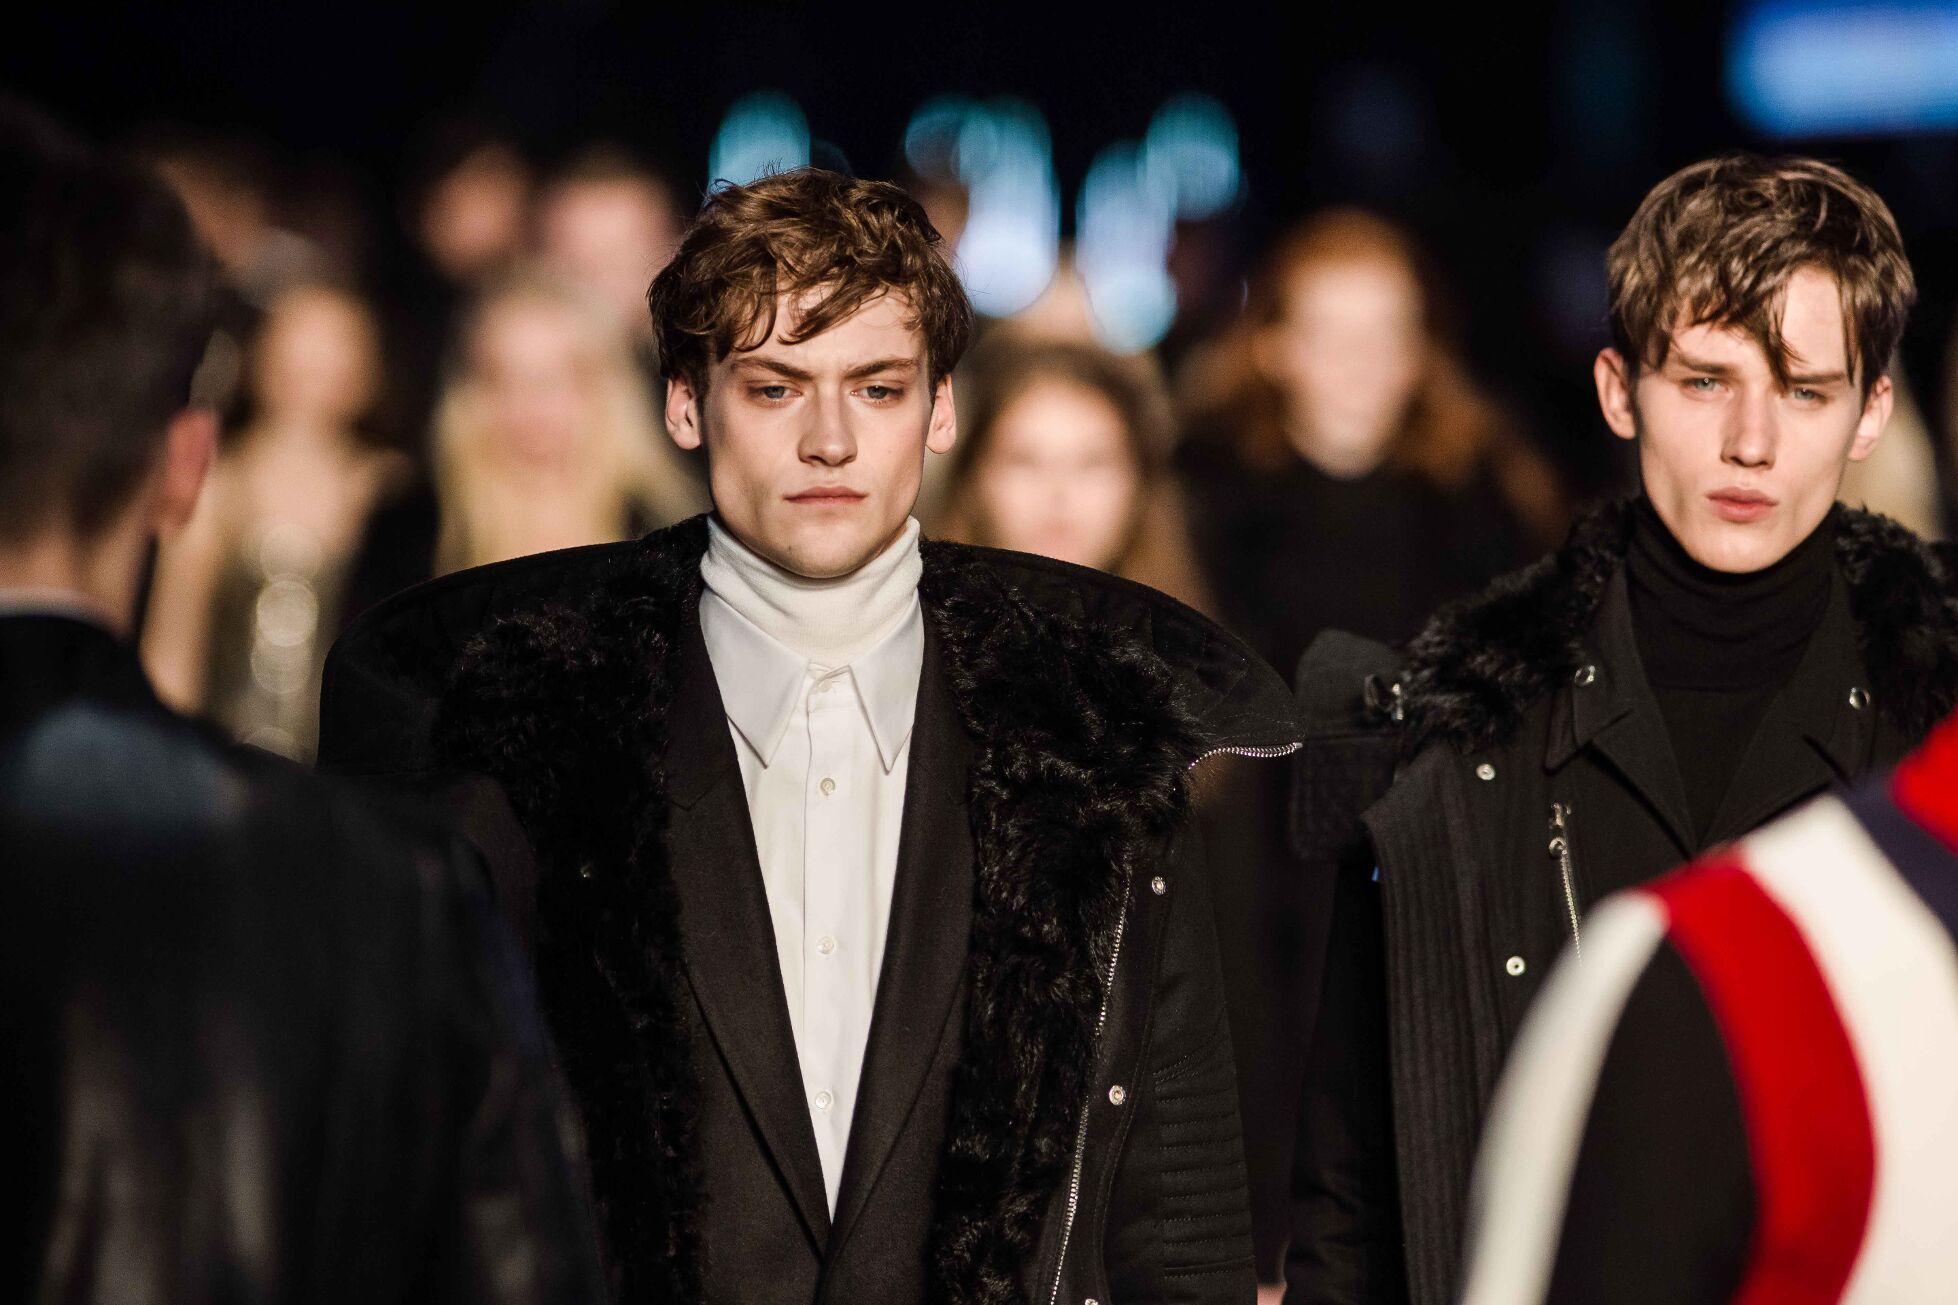 Catwalk Diesel Black Gold Man Fashion Show Winter 2014